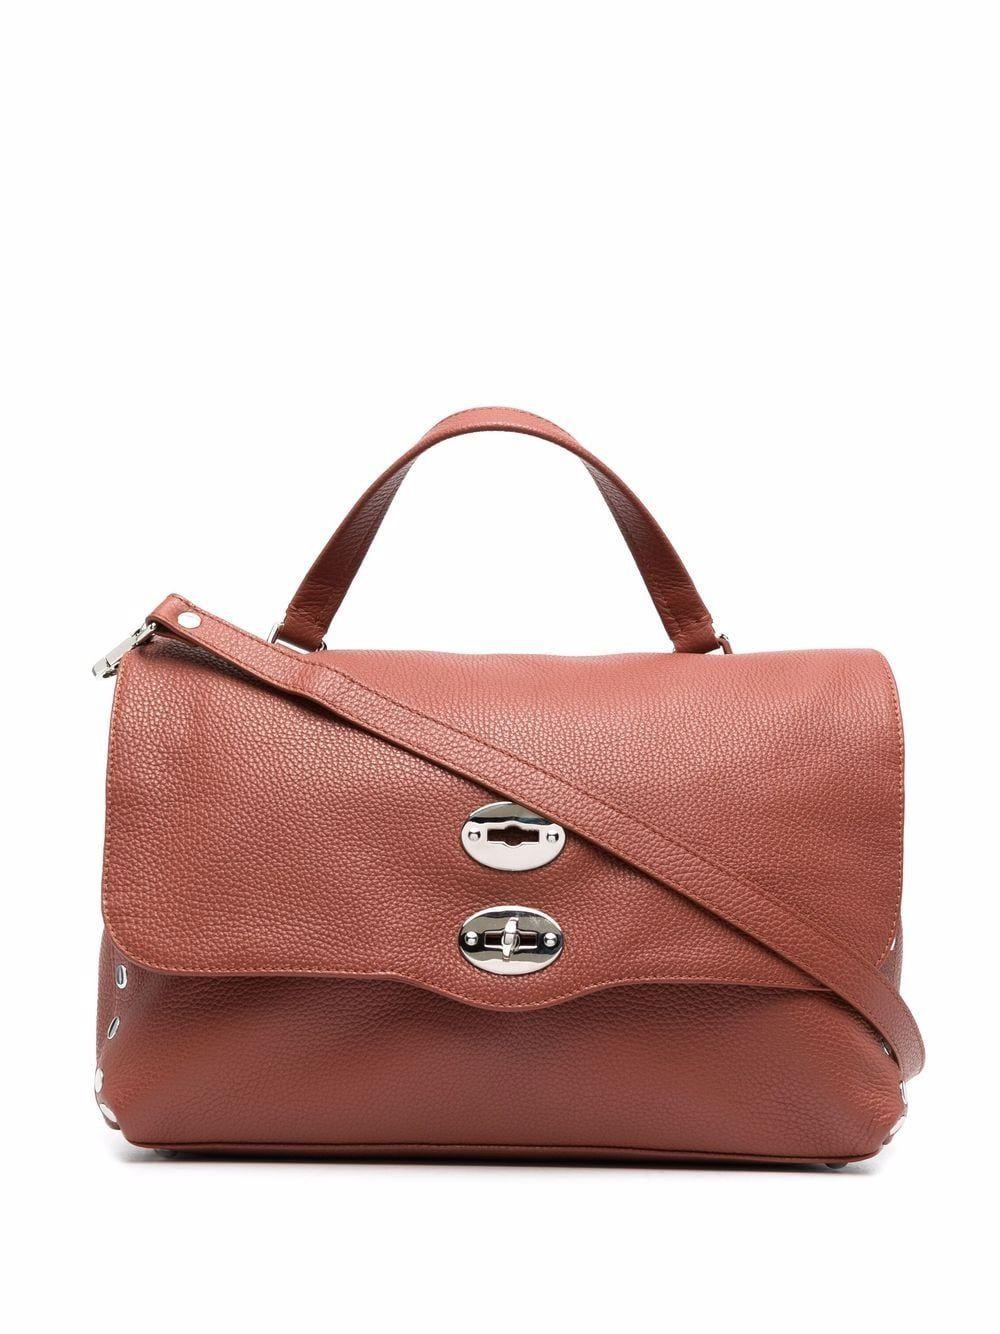 Zanellato borse... marrone scuro